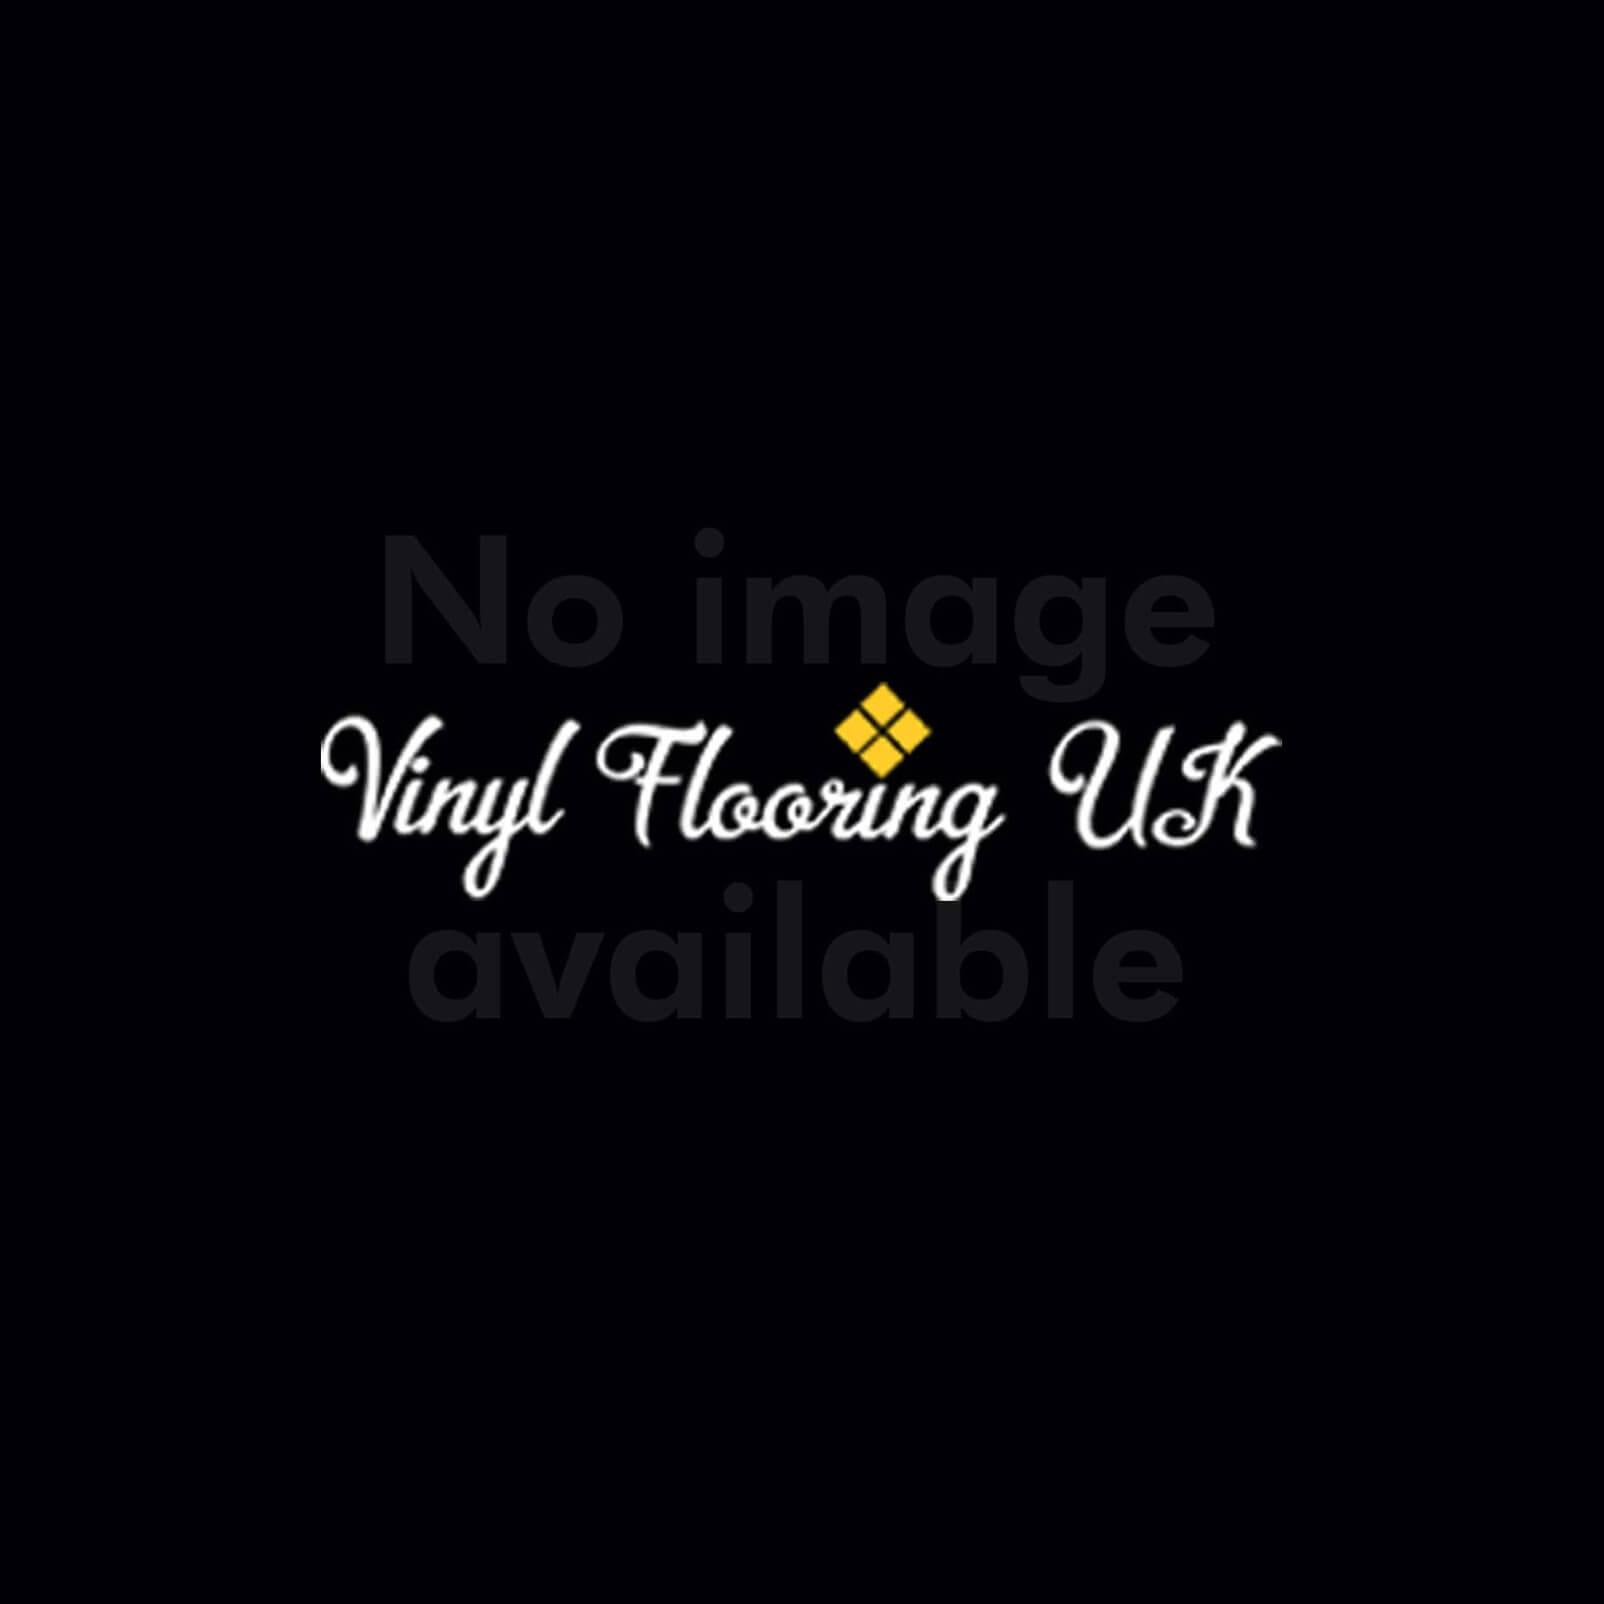 6014 Metalic Squared Anti Slip Vinyl Flooring